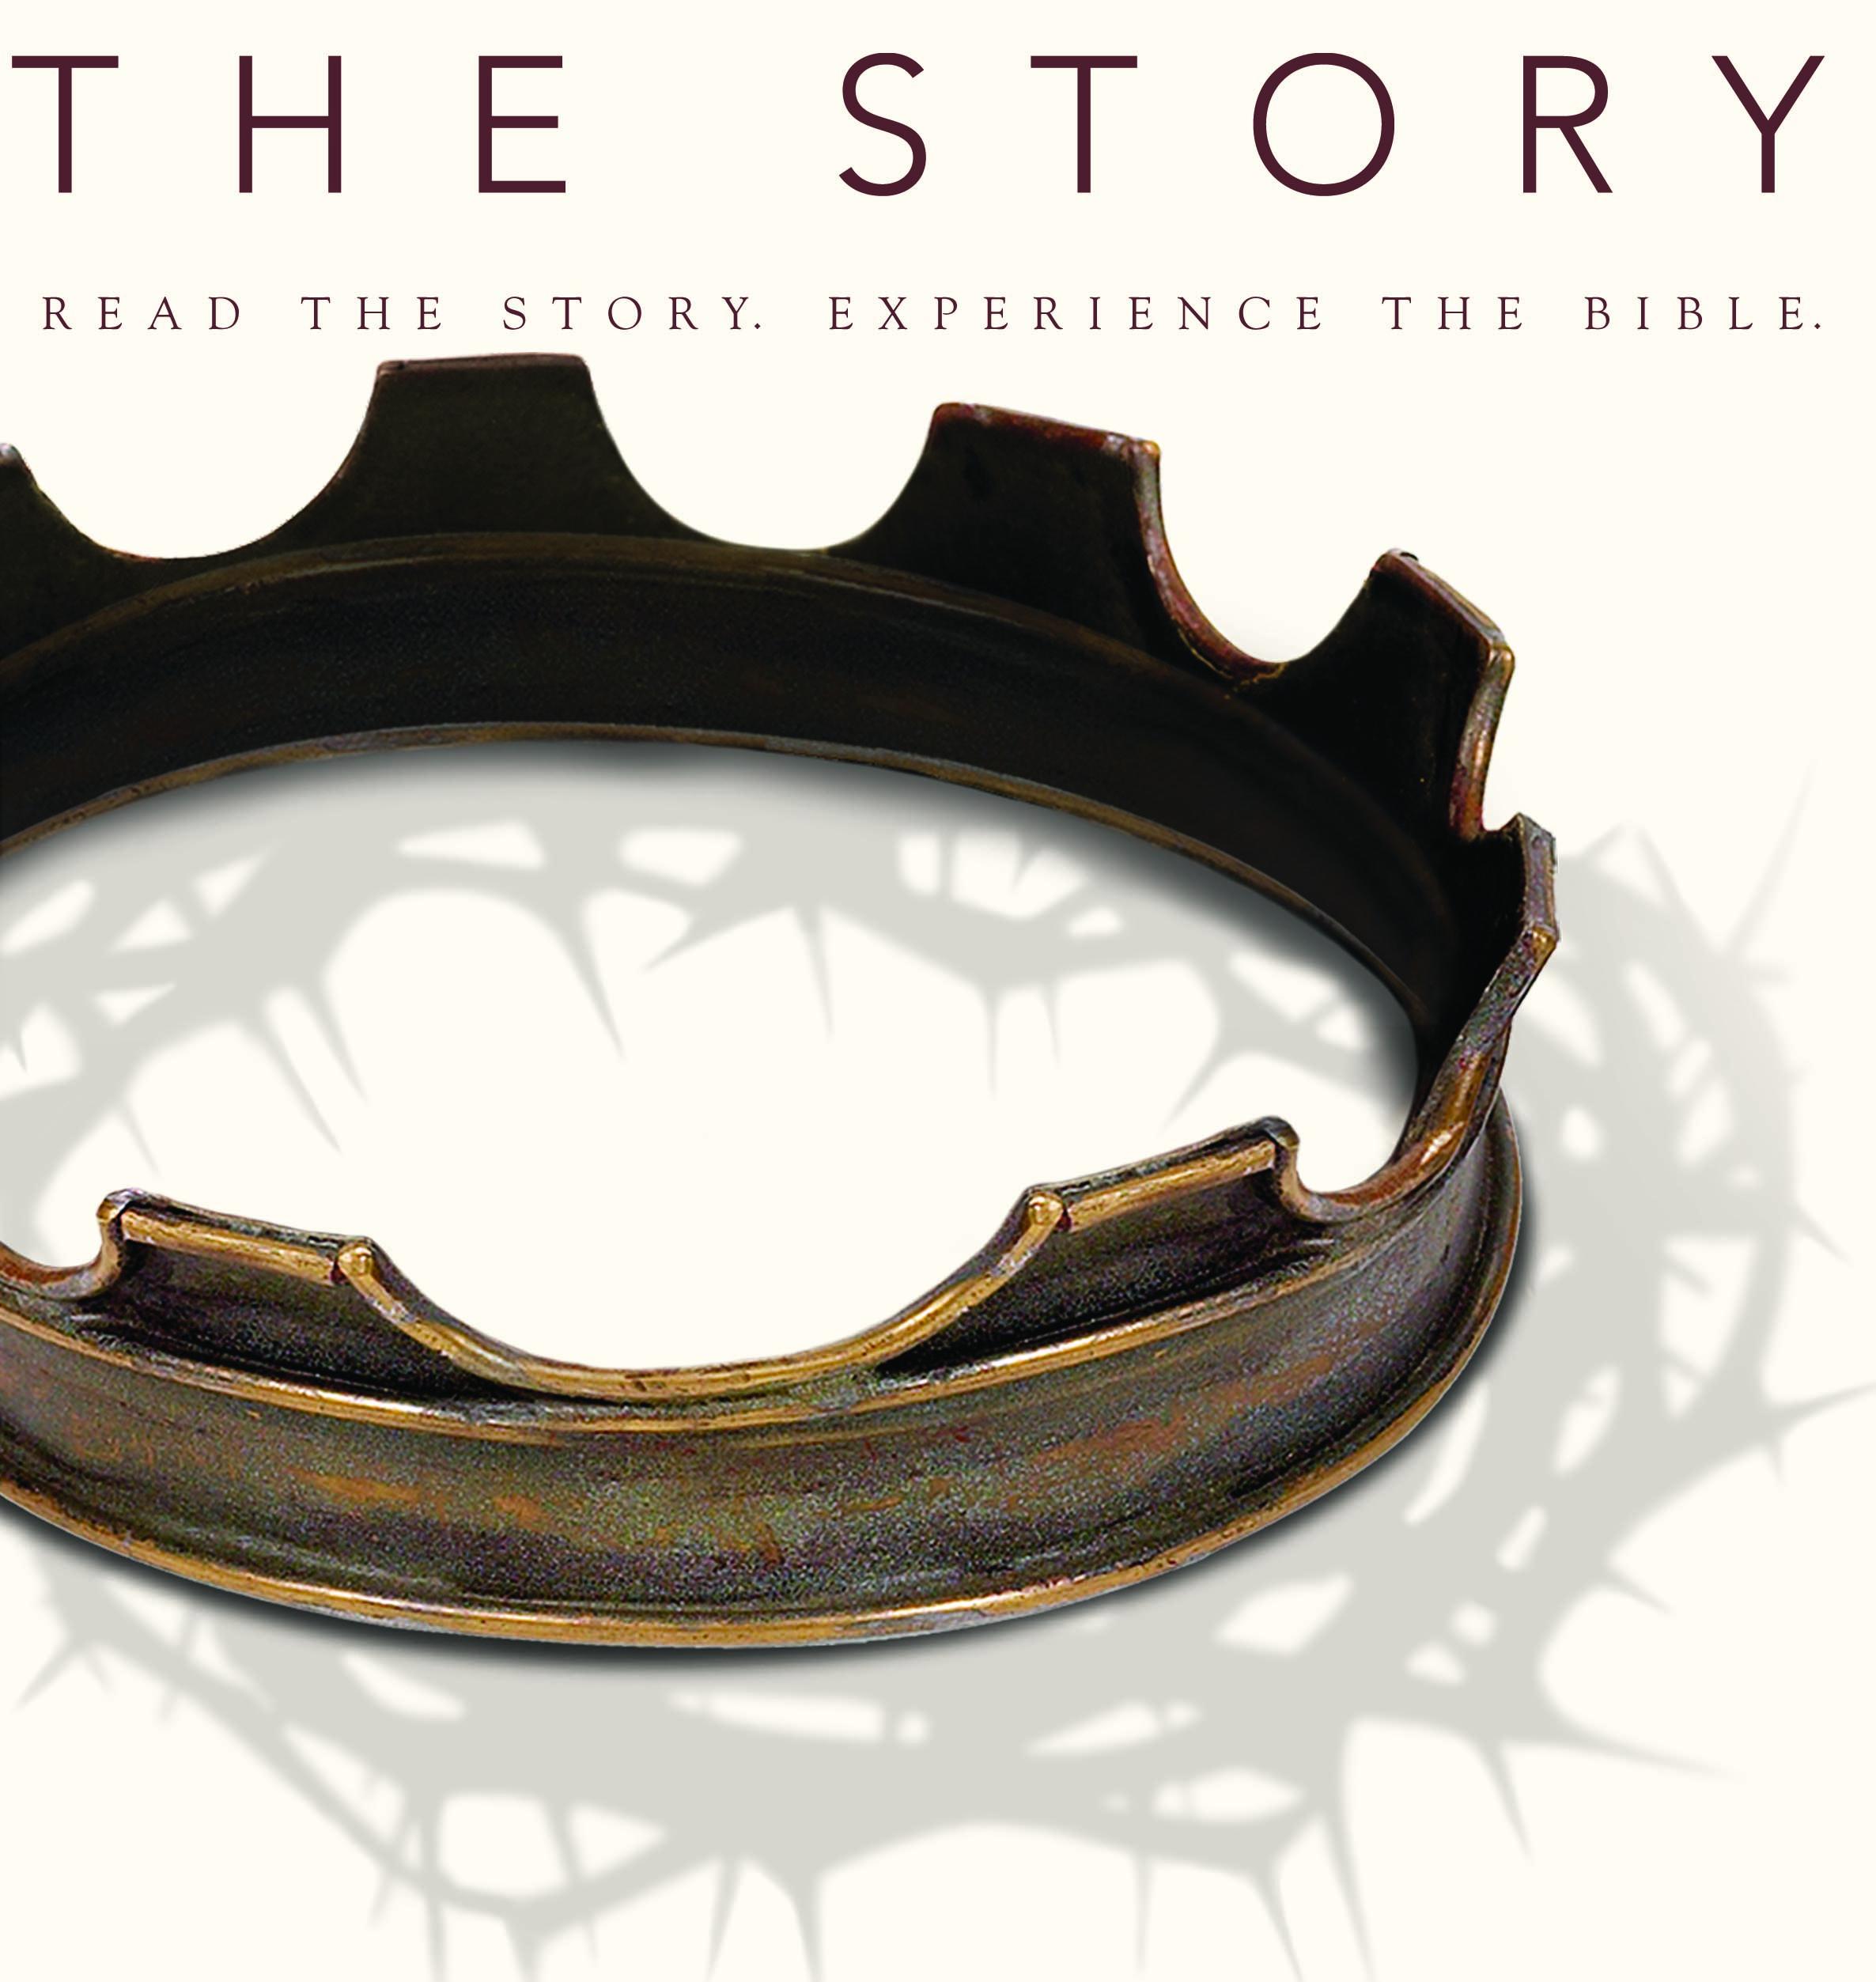 the-story-crown-1.jpg